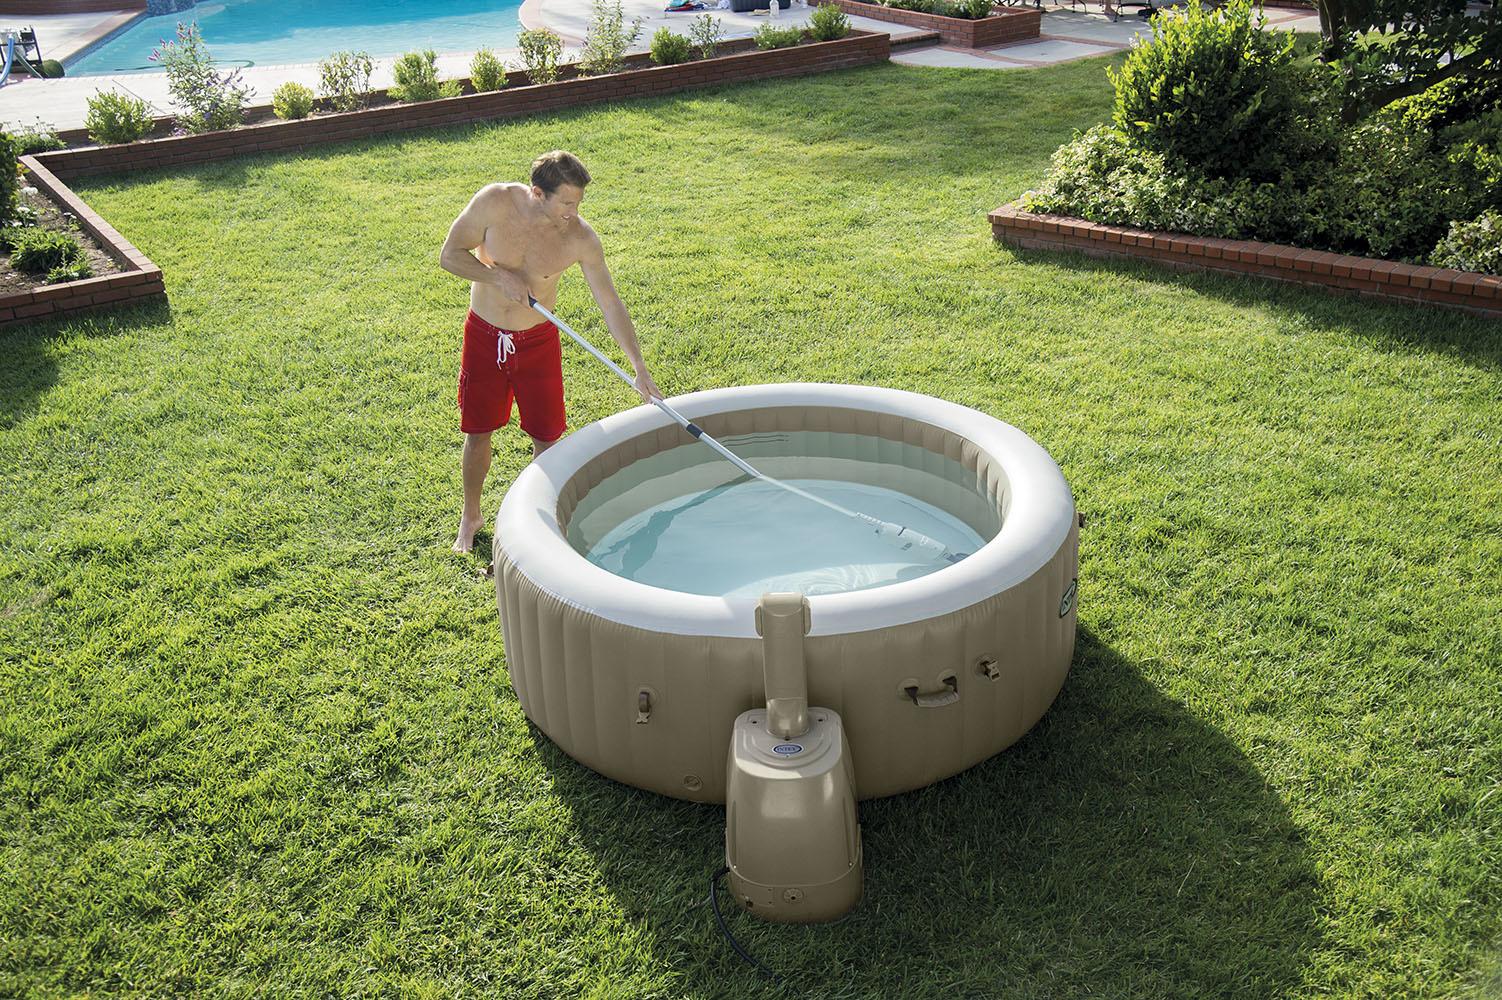 Bodem van het zwembad vies? Ontdek de Intex zwembadstofzuiger!